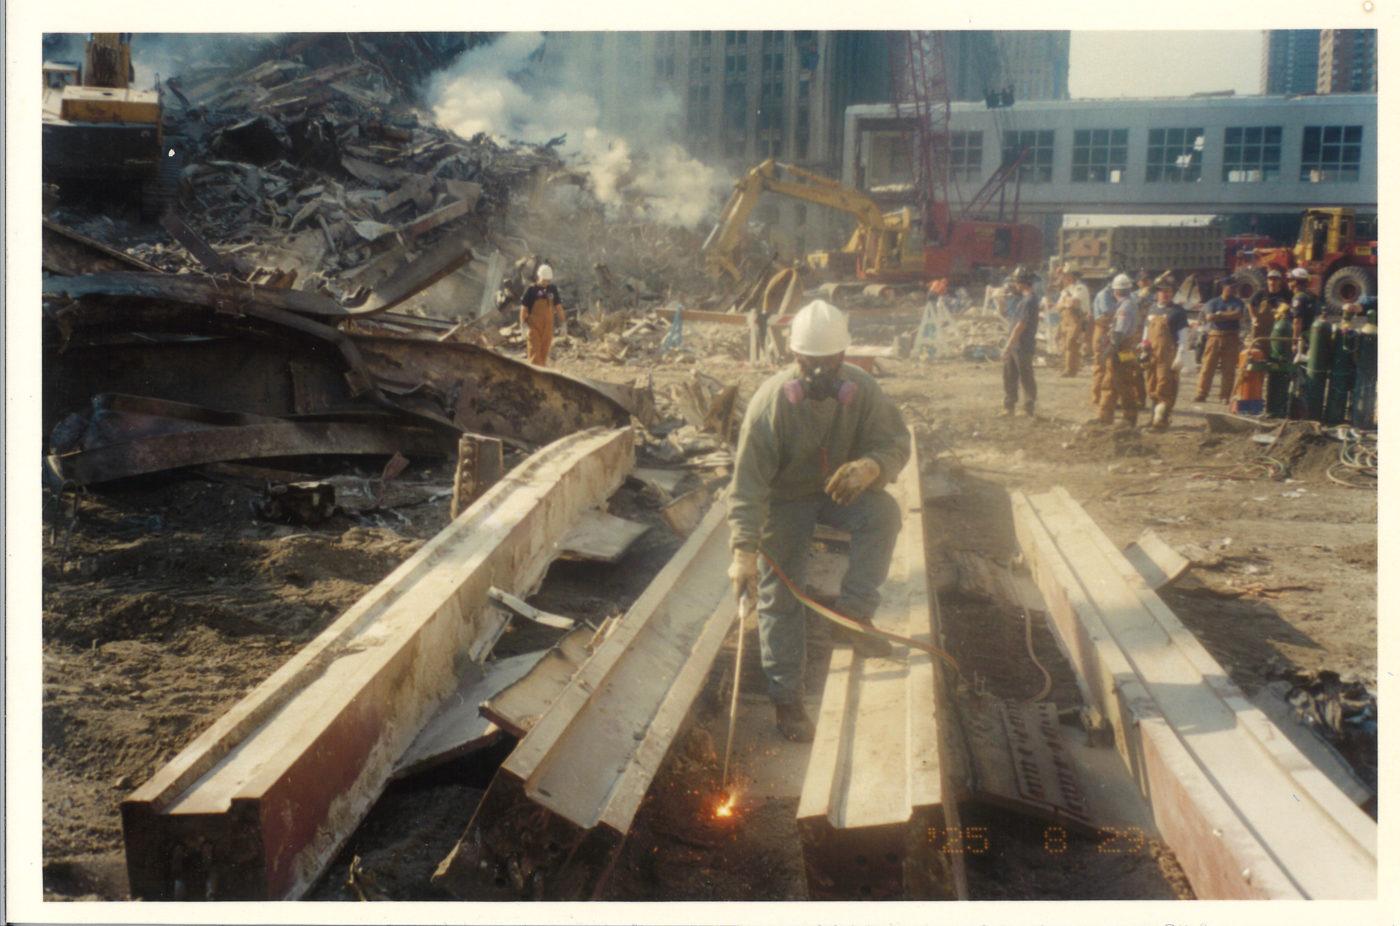 Ironworker working on steel beams